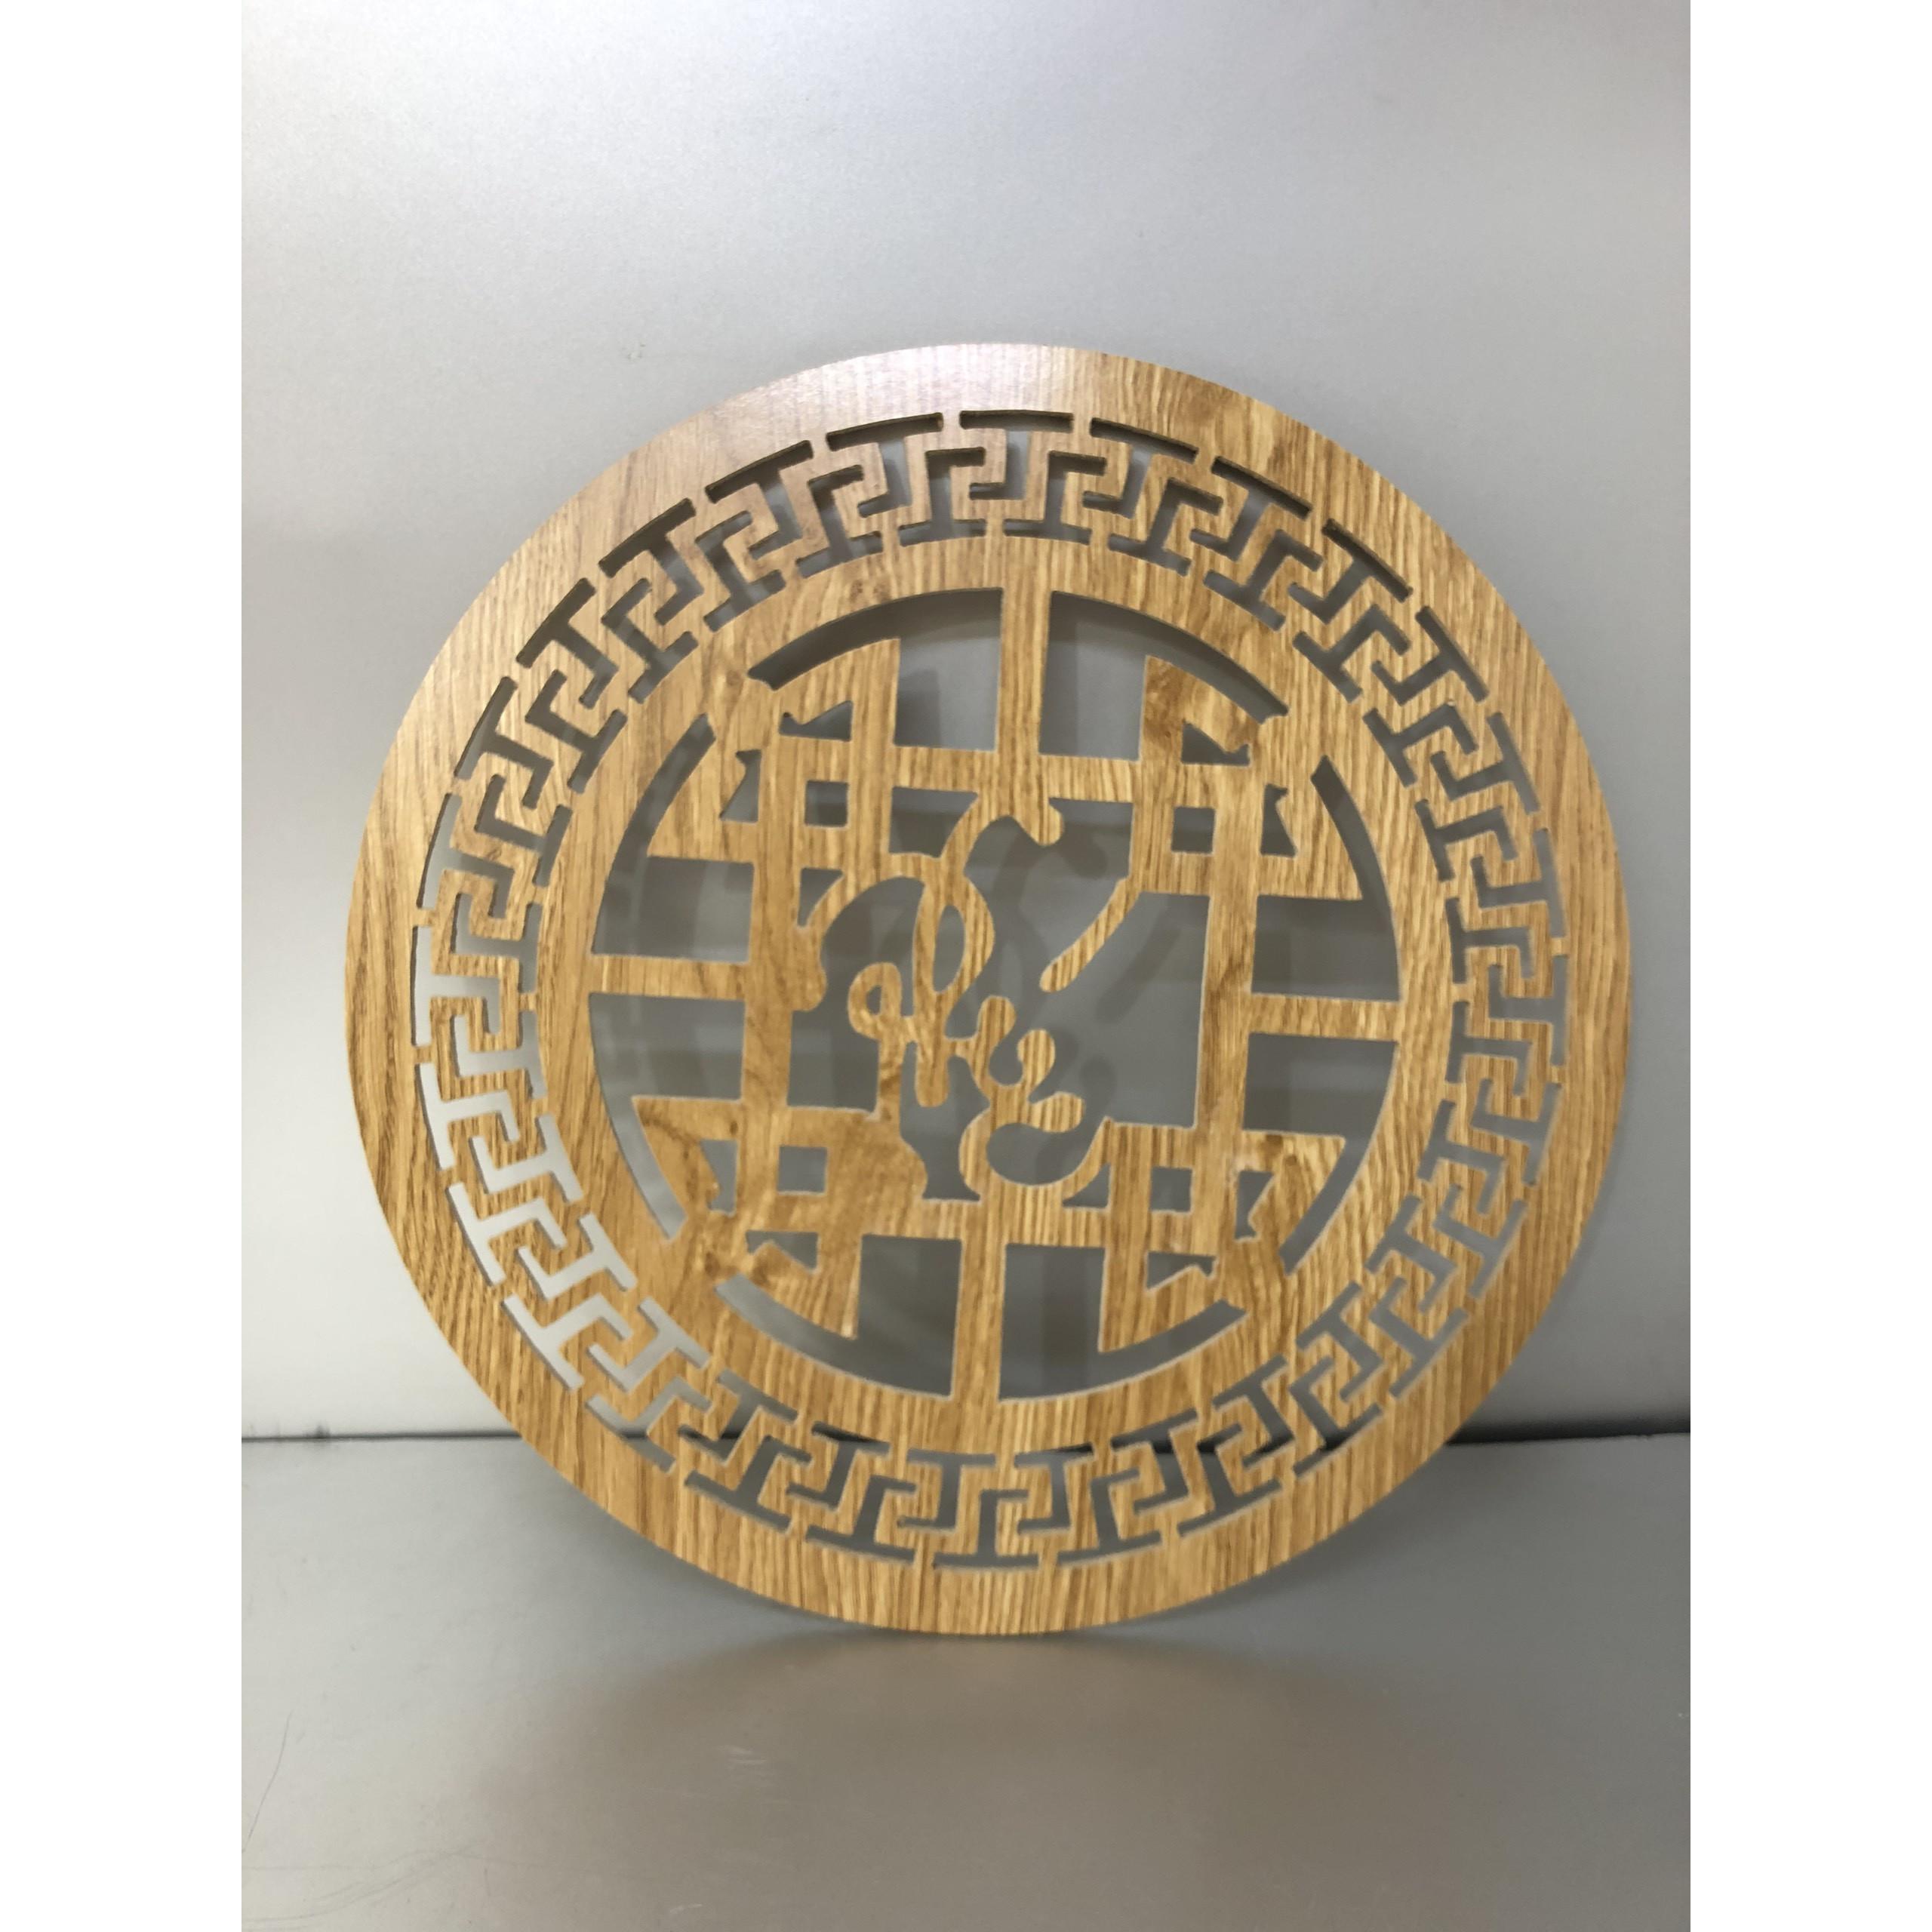 Tấm trang trí chữ phúc việt mầu vàng dành cho bàn thờ treo tường - TL28